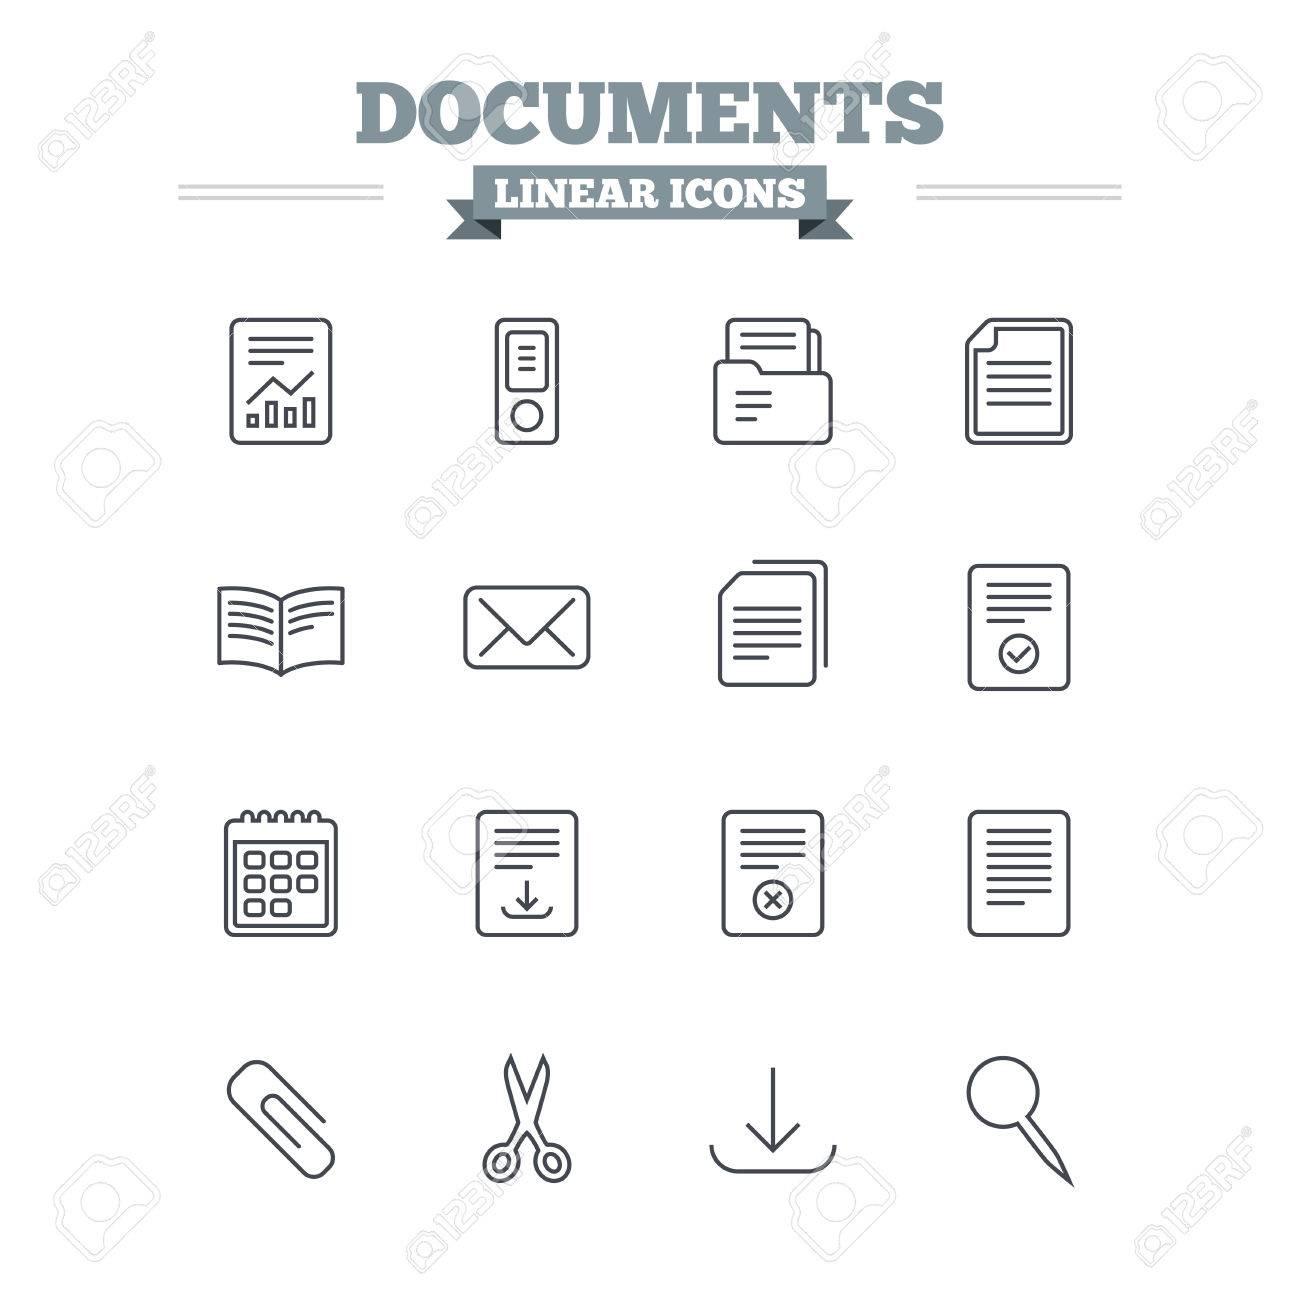 Courrier Et Calendrier.Documents Lineaires Icons Set Comptables Livres Et Calendrier Symboles Clip Papier Ciseaux Et Telecharger Fleche Contour Mince Signe Enveloppe De